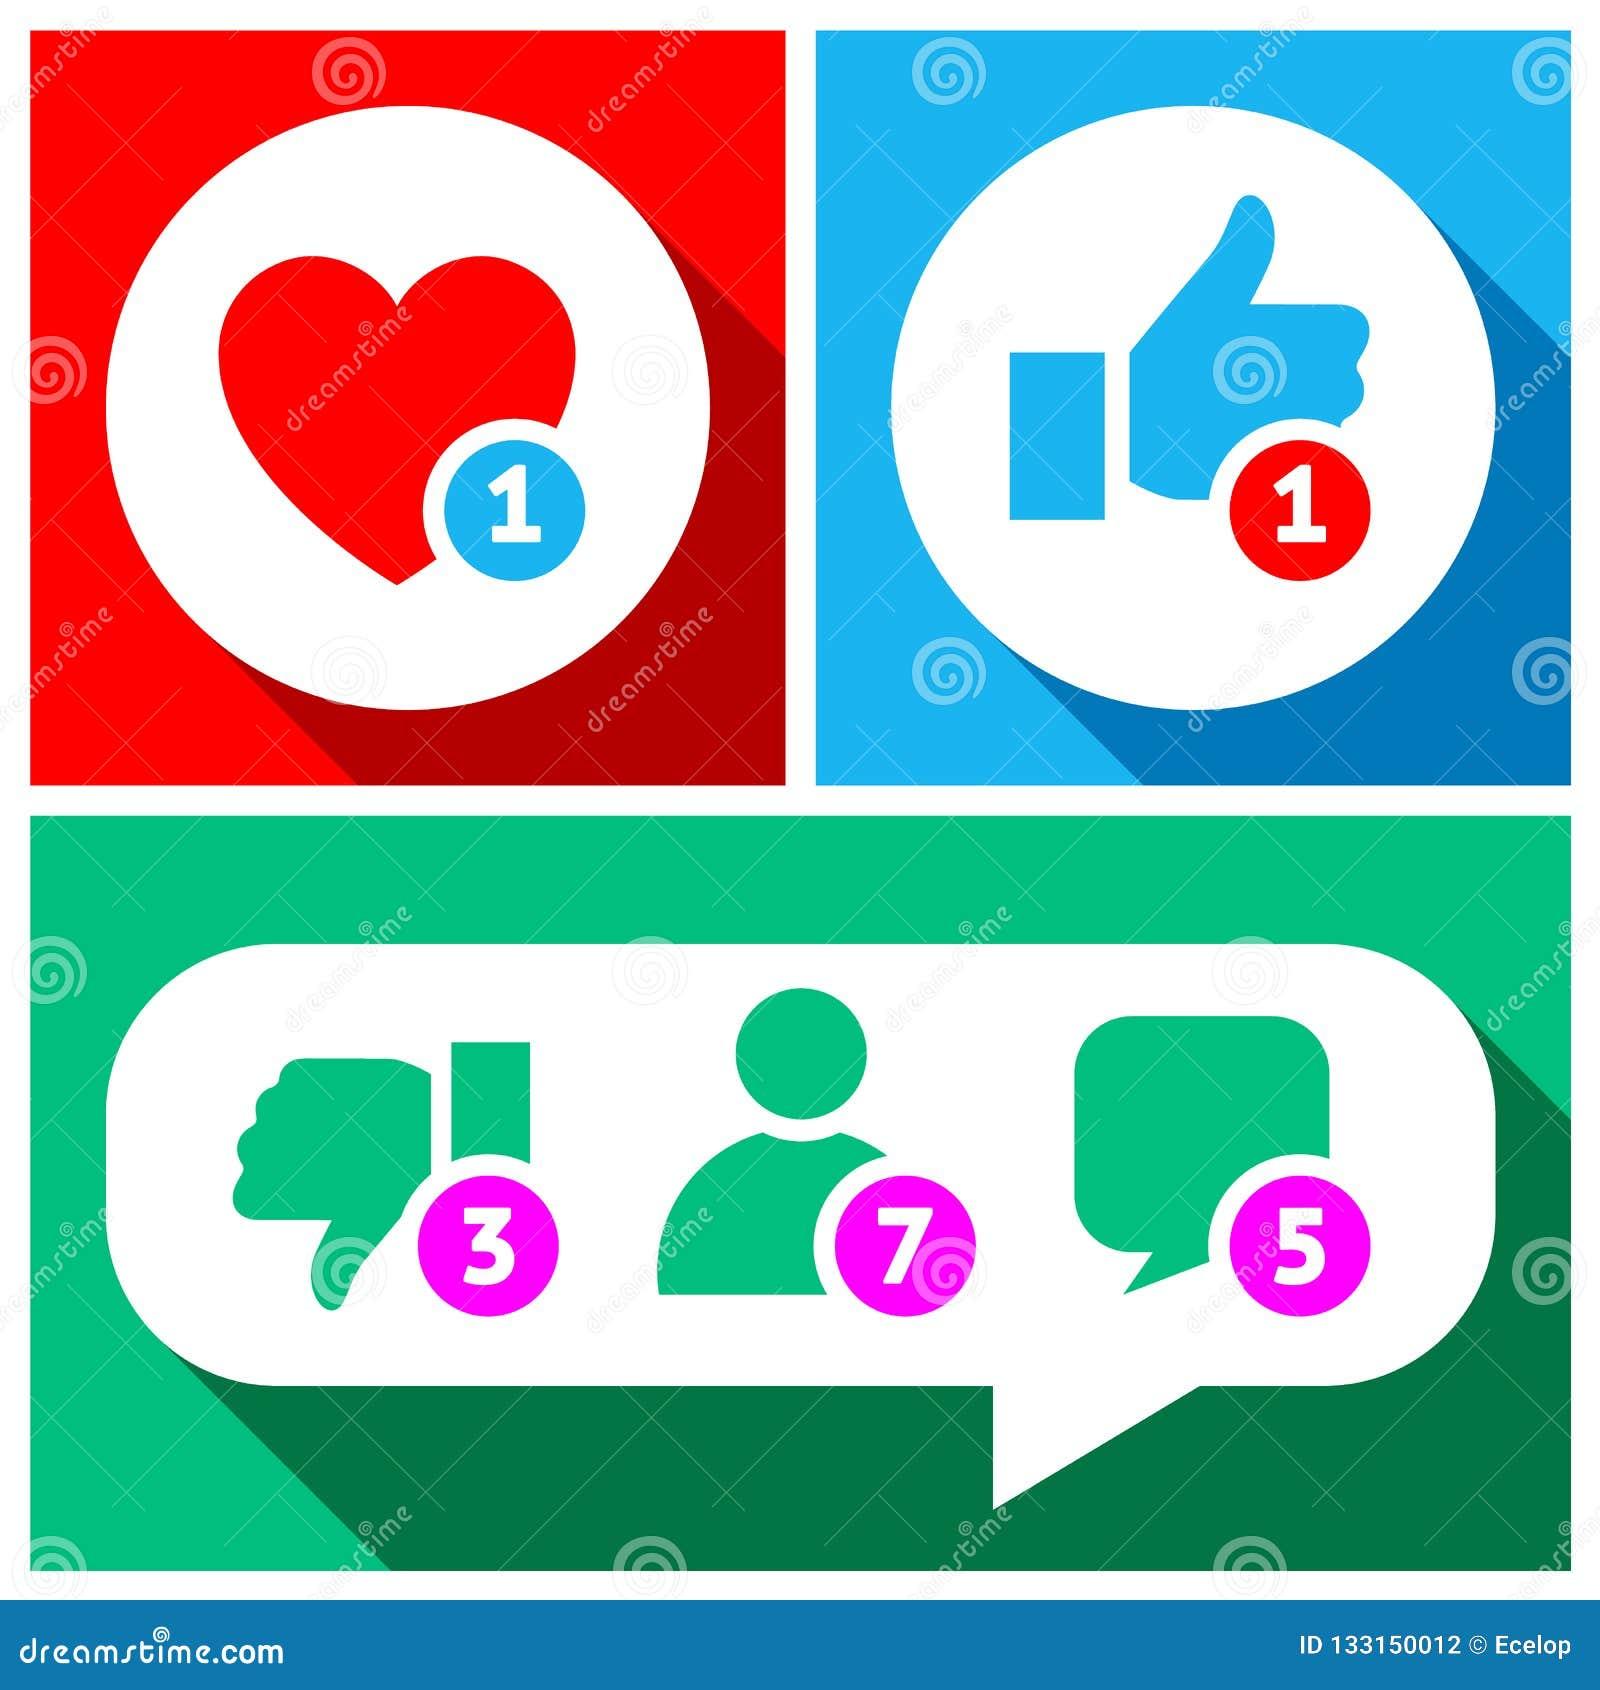 Bottoni semplici con reazioni dell utenza per rete sociale